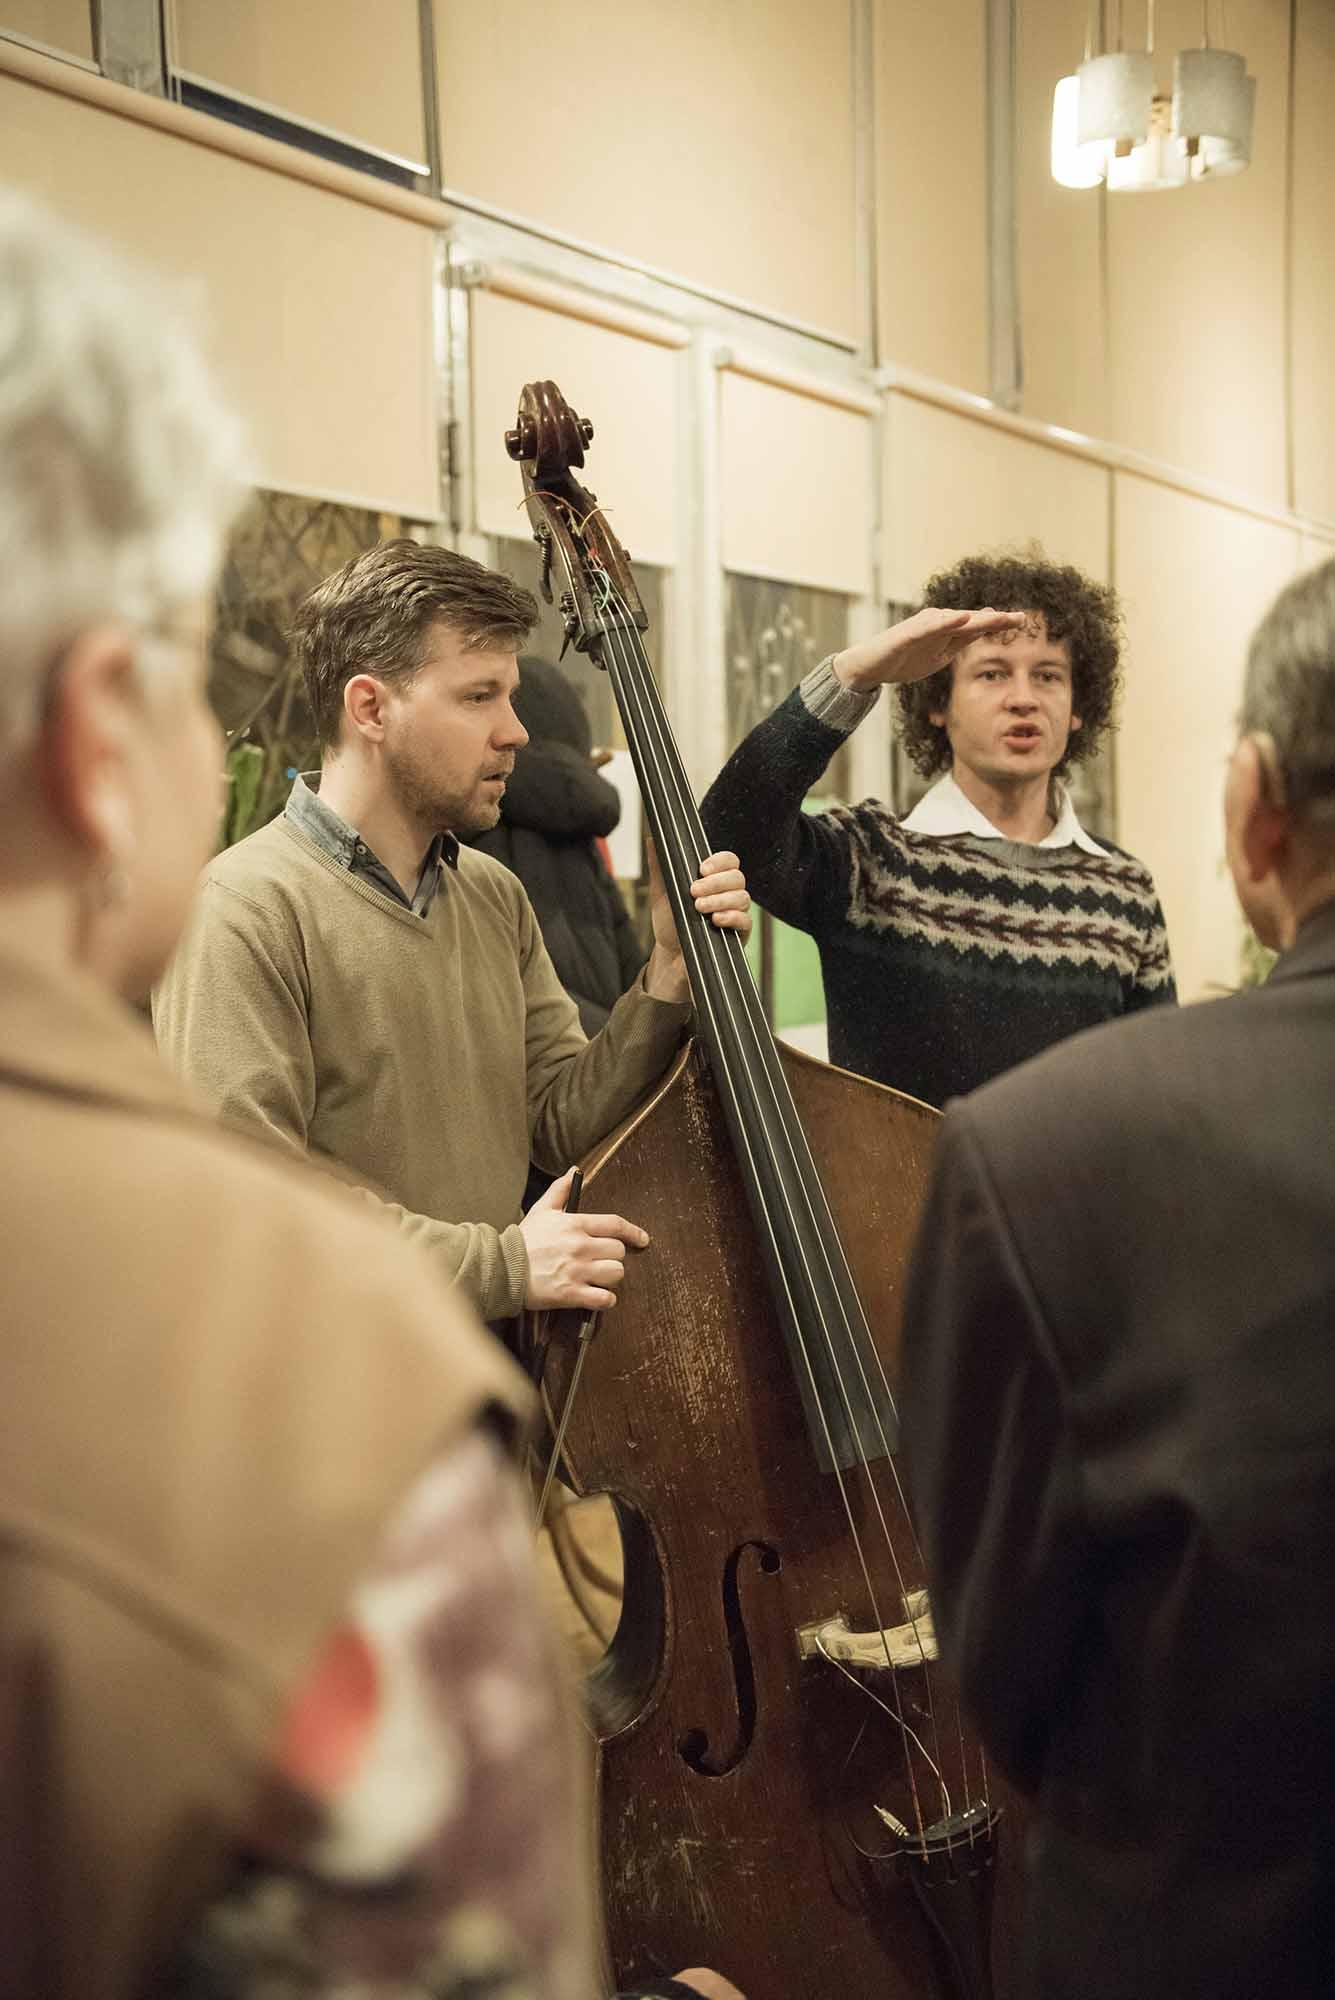 Robert z Łukaszem Owczynnikowem, wiolonczelistą.